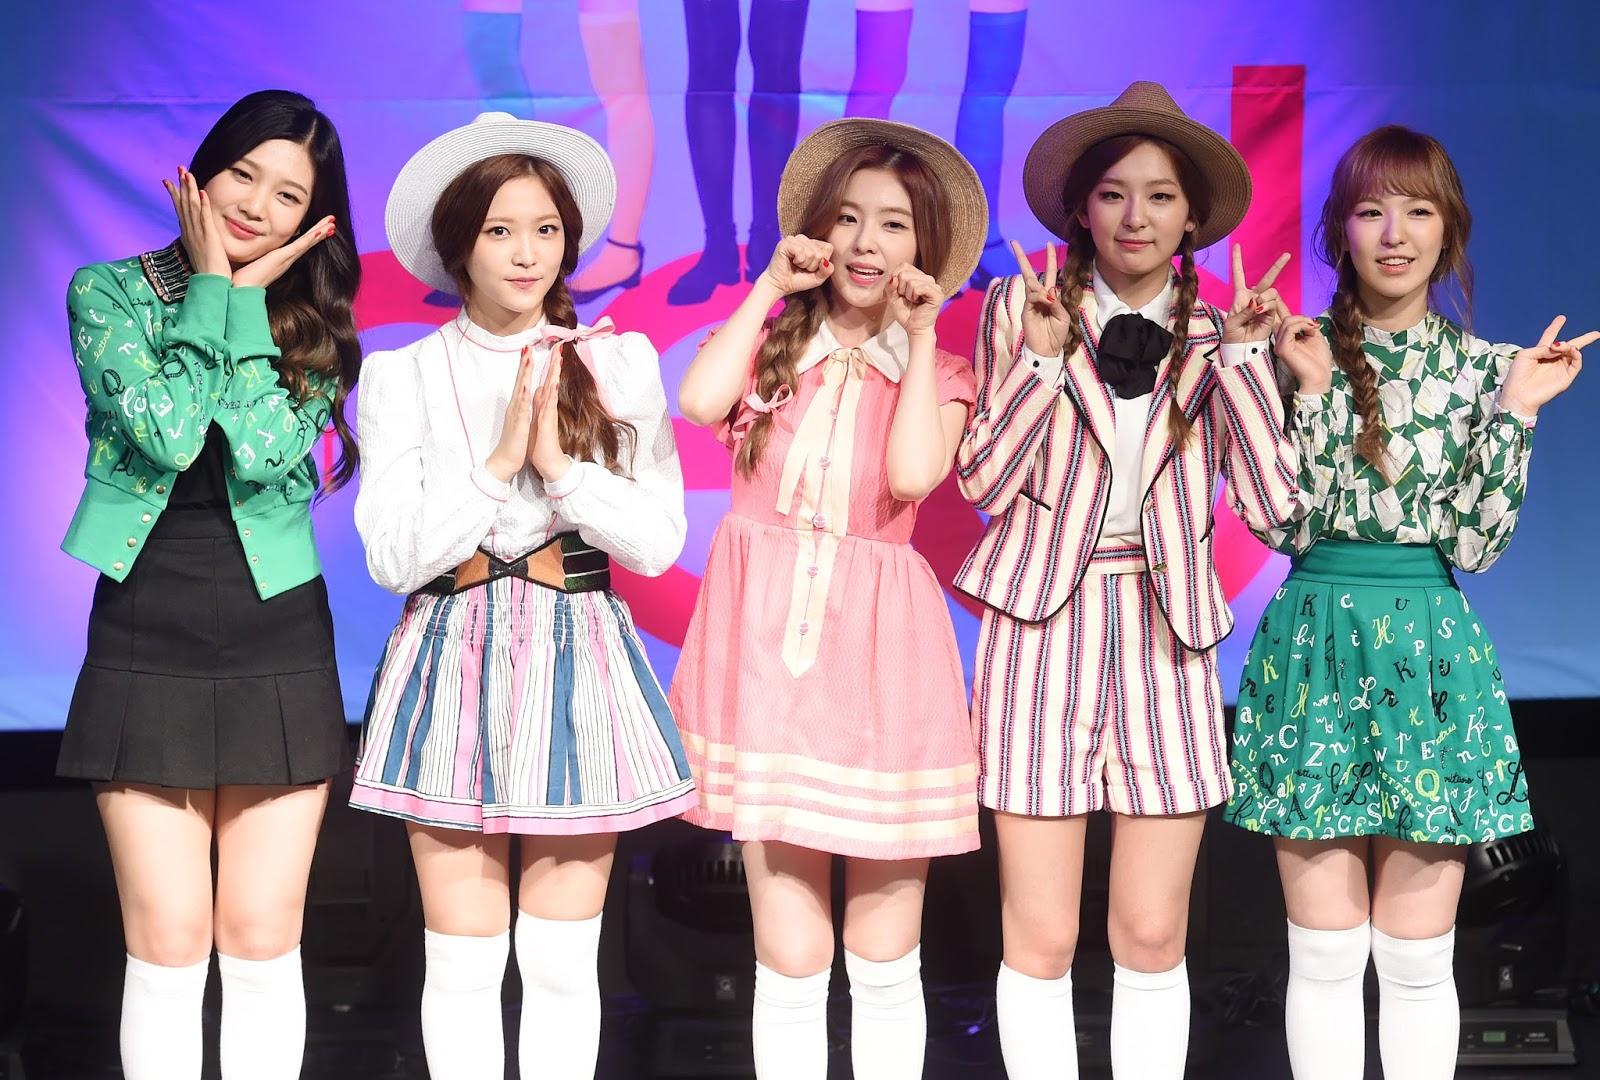 kpop attire com